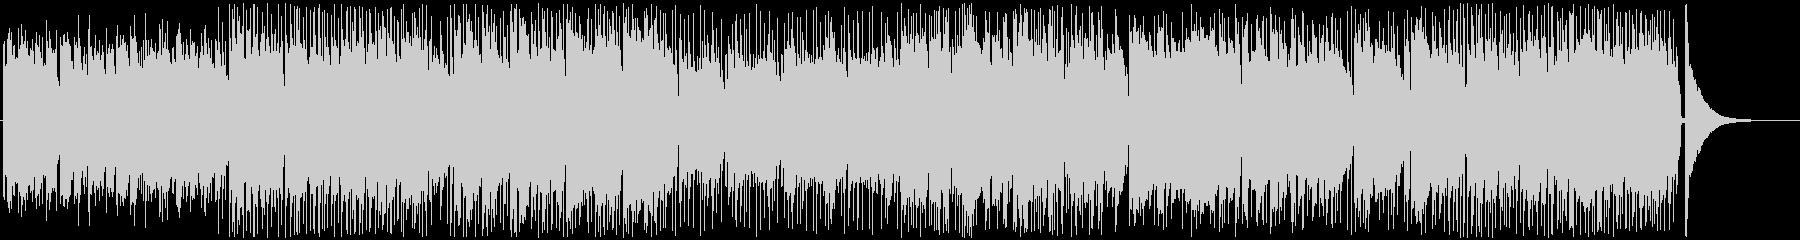 ほっこり晴れの日カフェボッサ-動画BGMの未再生の波形